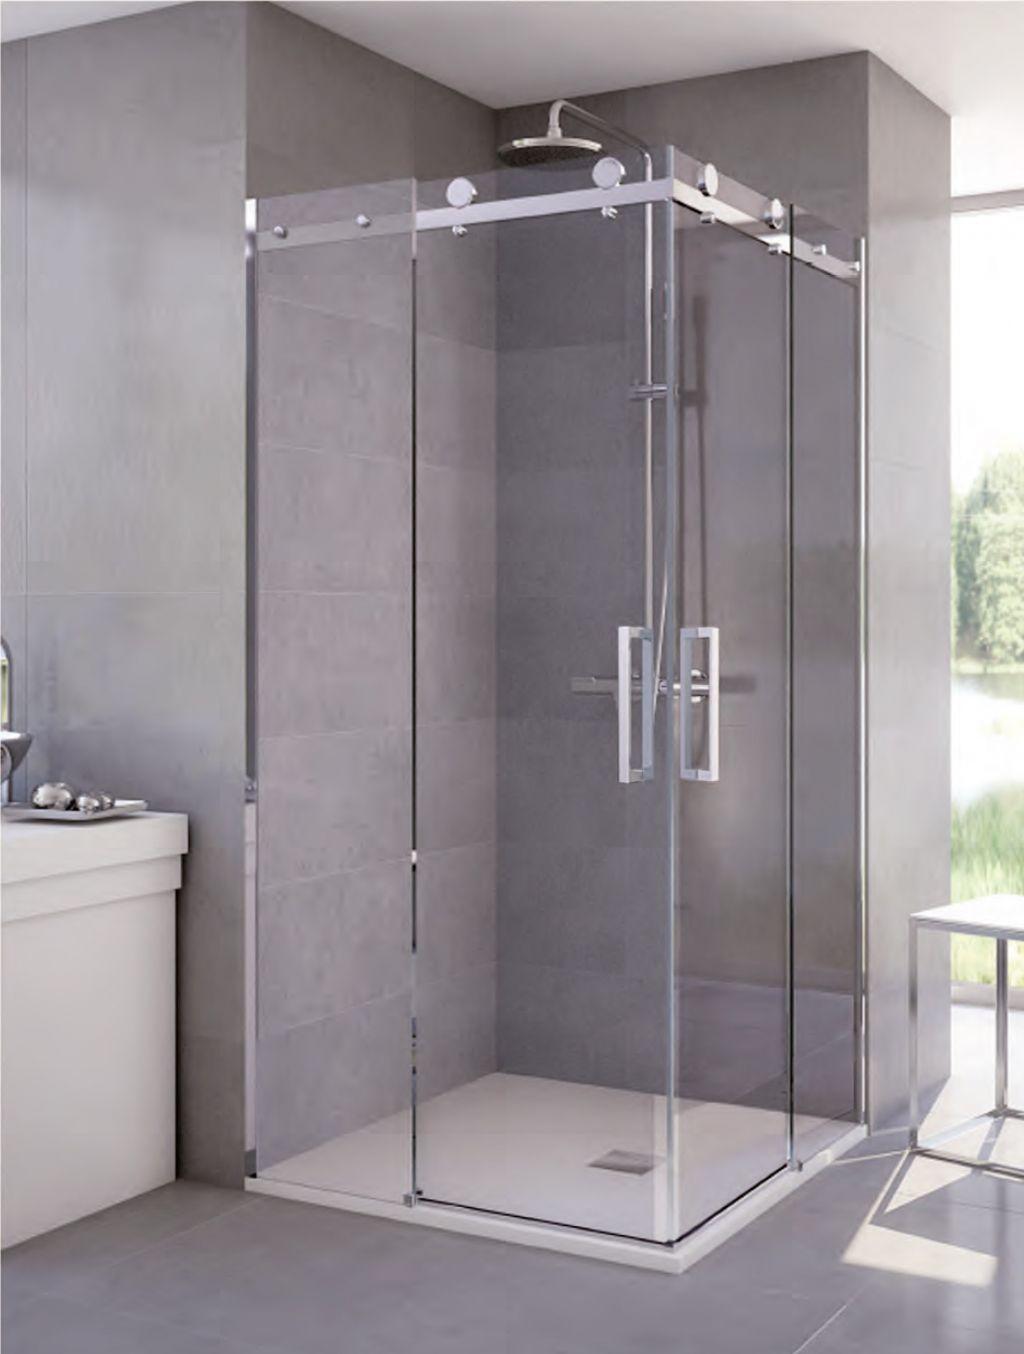 Mamparas de ducha la cristaler a de madrid - Platos de ducha con mampara ...